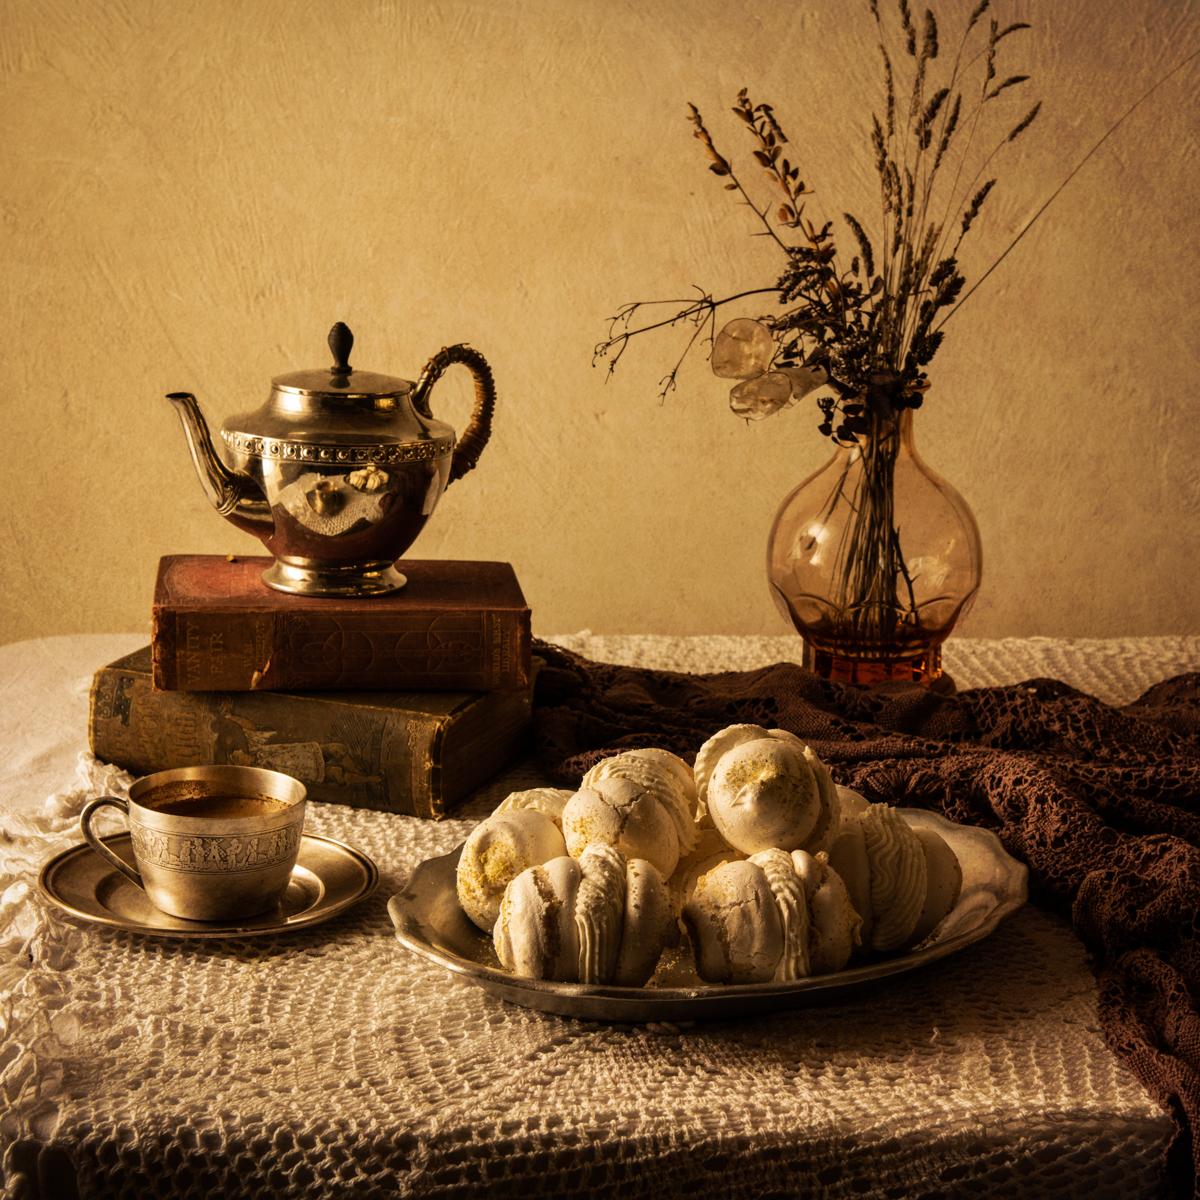 Still life truffle dinner-3.jpg